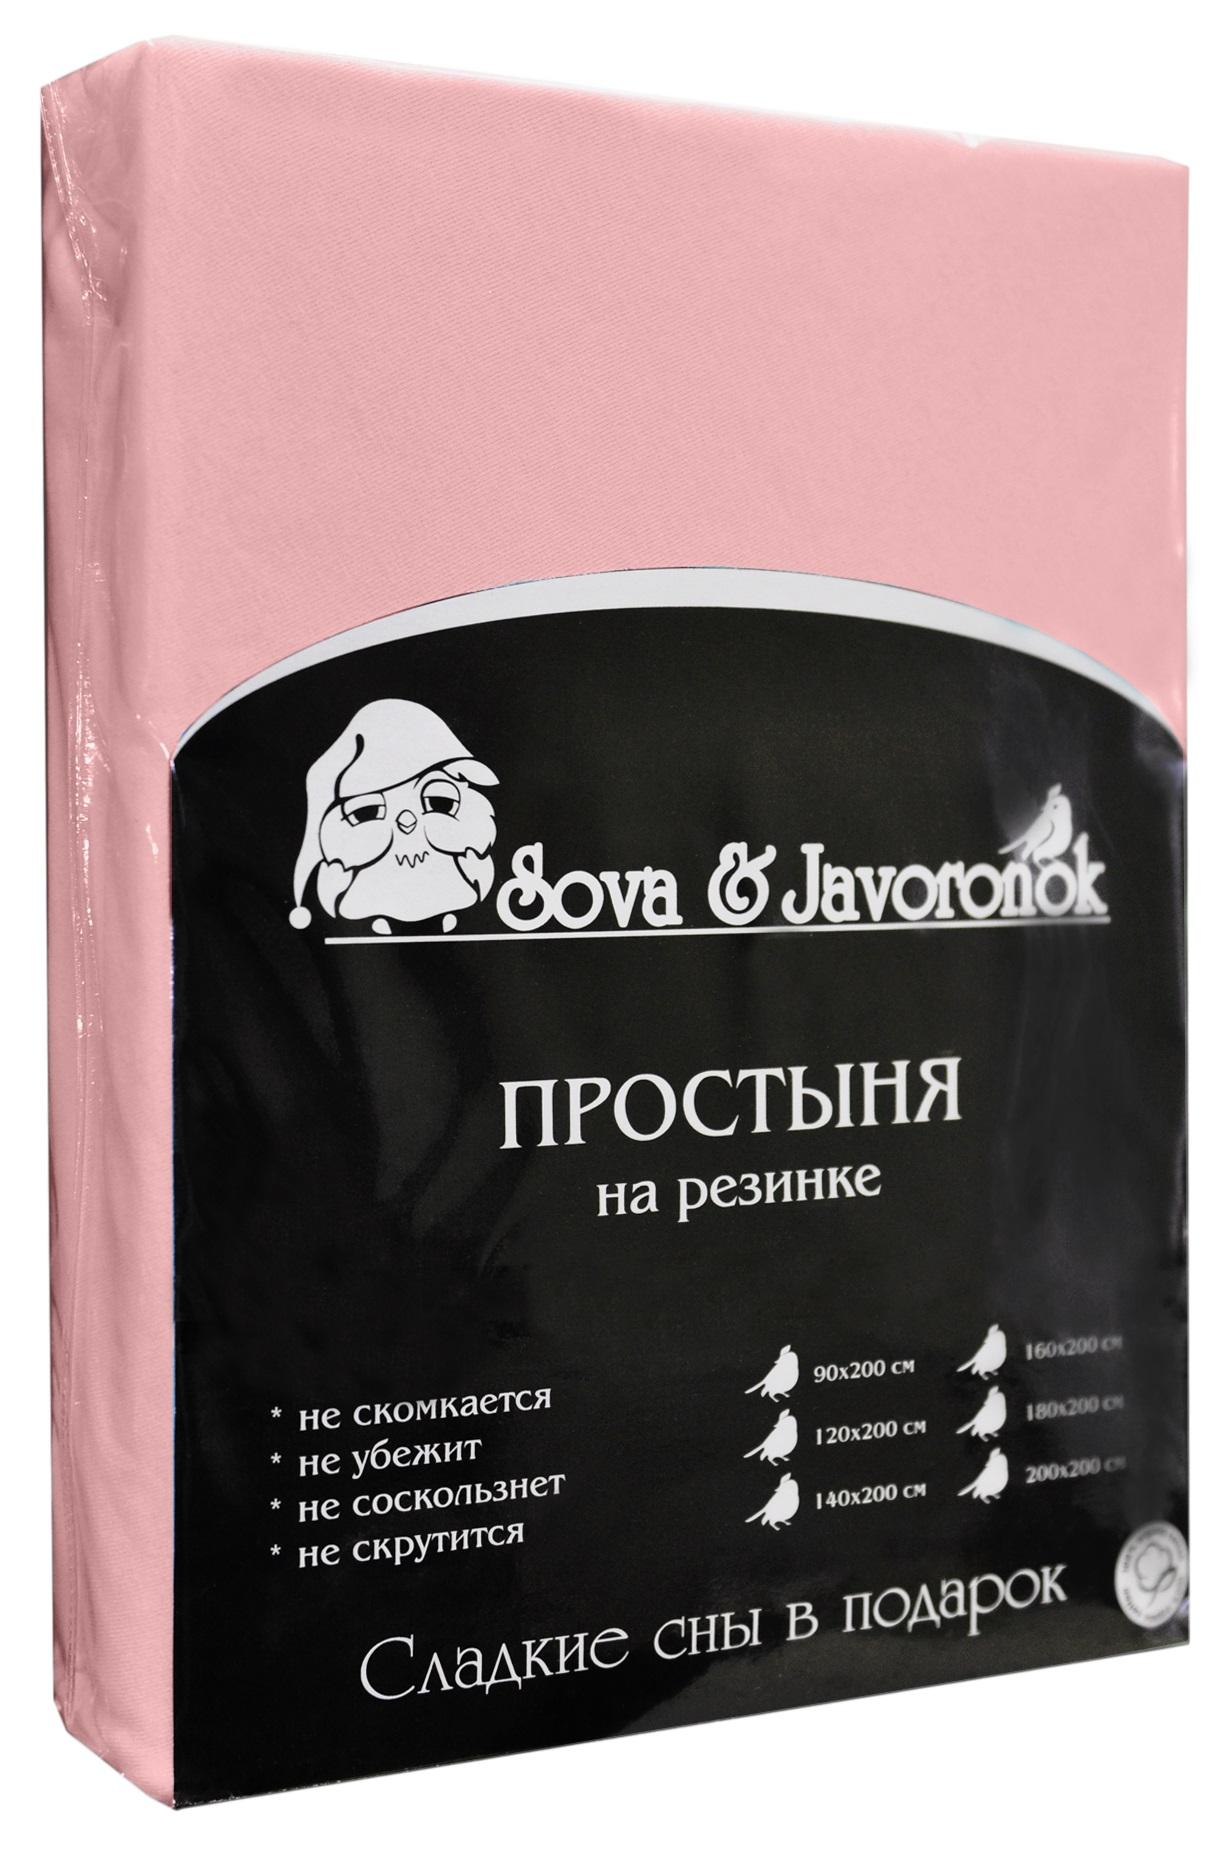 Простыня на резинке Sova & Javoronok, цвет: светло-розовый, 200 х 200 см10503Простыня на резинке Sova & Javoronok, изготовленная из трикотажной ткани (100% хлопок), будет превосходно смотреться с любыми комплектами белья. Хлопчатобумажный трикотаж по праву считается одним из самых качественных, прочных и при этом приятных на ощупь. Его гигиеничность позволяет использовать простыню и в детских комнатах, к тому же 100%-ый хлопок в составе ткани не вызовет аллергии. У трикотажного полотна очень интересная структура, немного рыхлая за счет отсутствия плотного переплетения нитей и наличия особых петель, благодаря этому простыня Сова и Жаворонок отлично пропускает воздух и способствует его постоянной циркуляции. Поэтому ваша постель будет всегда оставаться свежей. Но главное и, пожалуй, самое известное свойство трикотажа - это его великолепная растяжимость, поэтому эта ткань и была выбрана для натяжной простыни на резинке.Простыня прошита резинкой по всему периметру, что обеспечивает более комфортный отдых, так как она прочно удерживается на матрасе и избавляет от необходимости часто поправлять простыню.